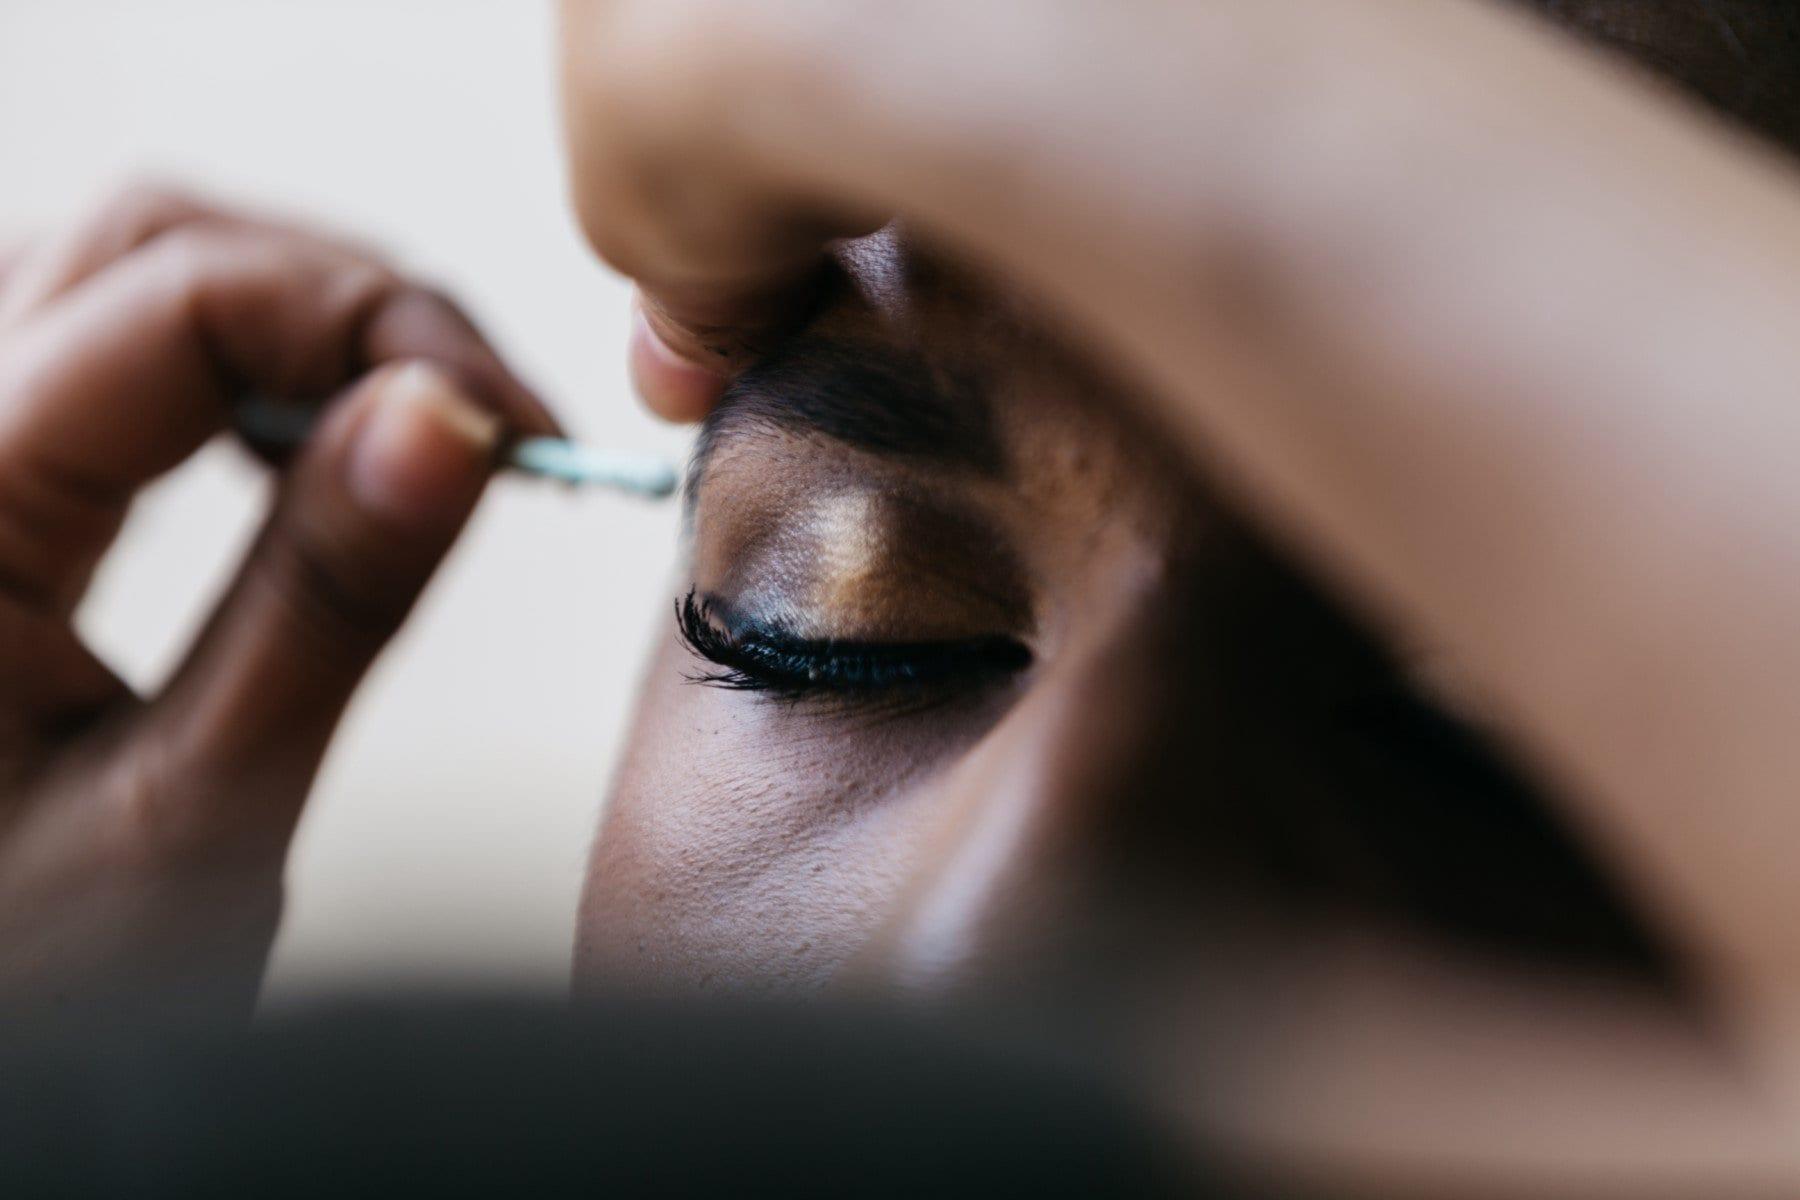 A drag putting makeup